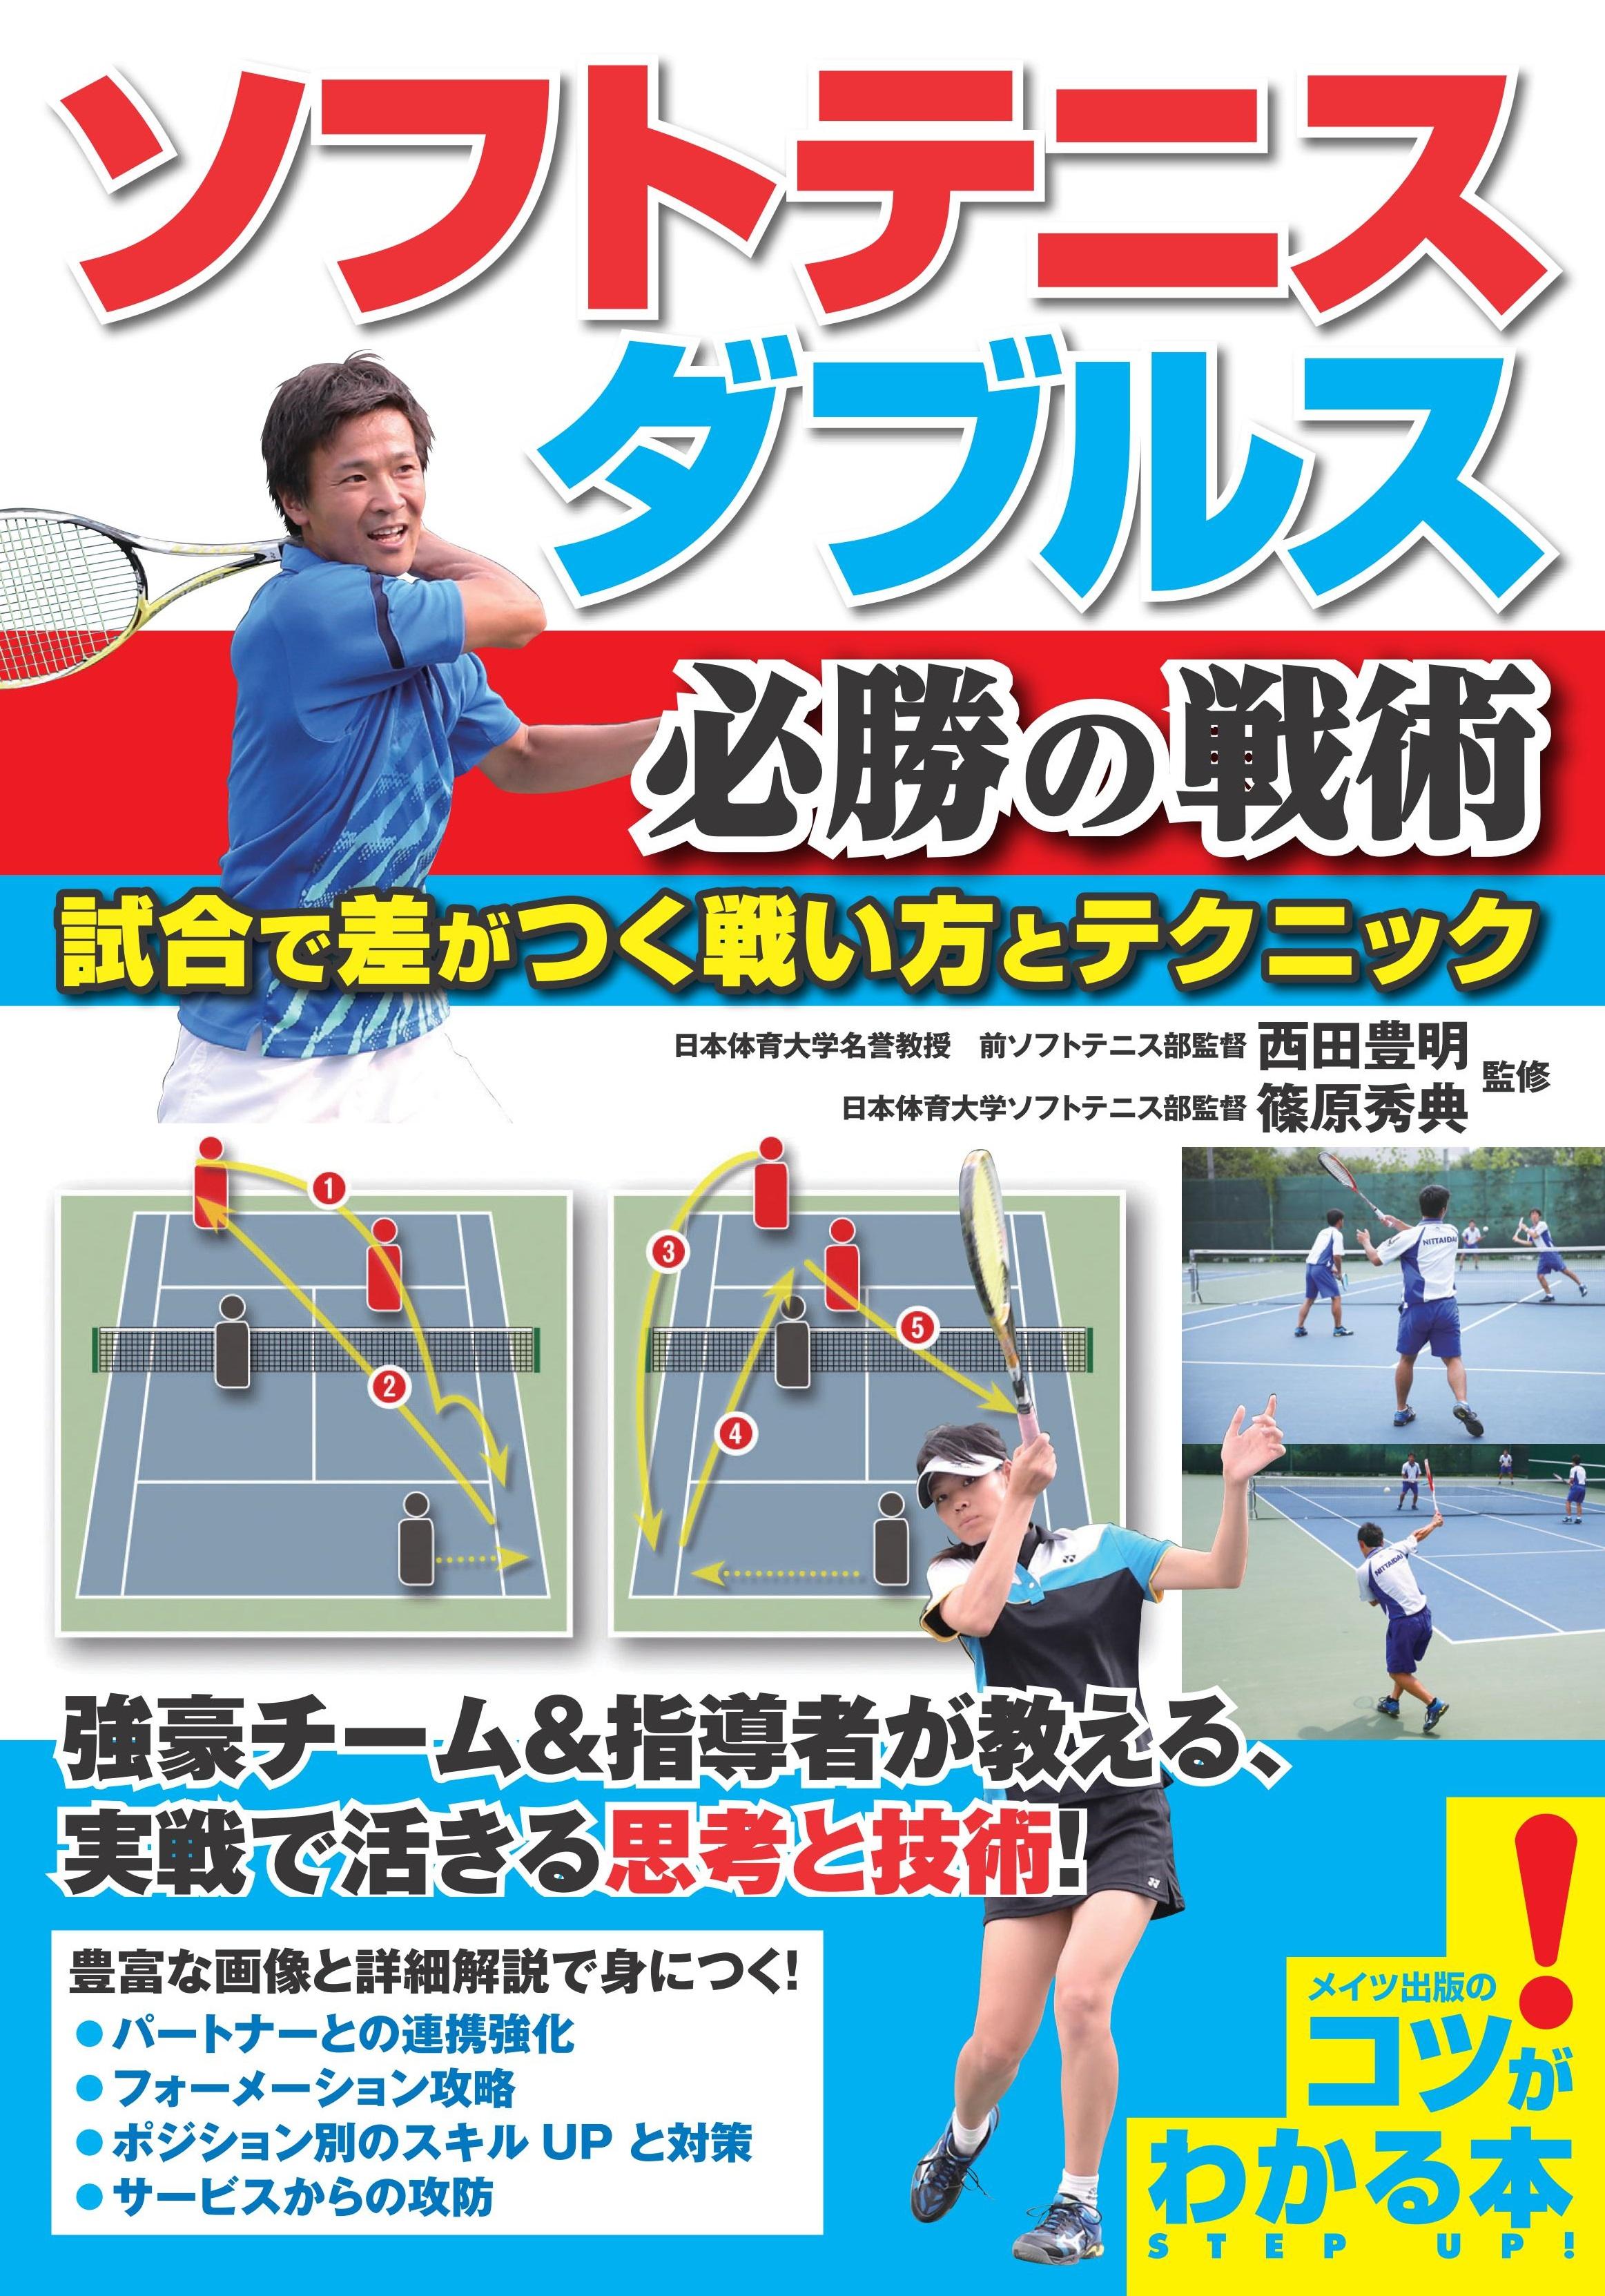 ソフトテニス ダブルス 必勝の戦術 試合で差がつく戦い方とテクニック